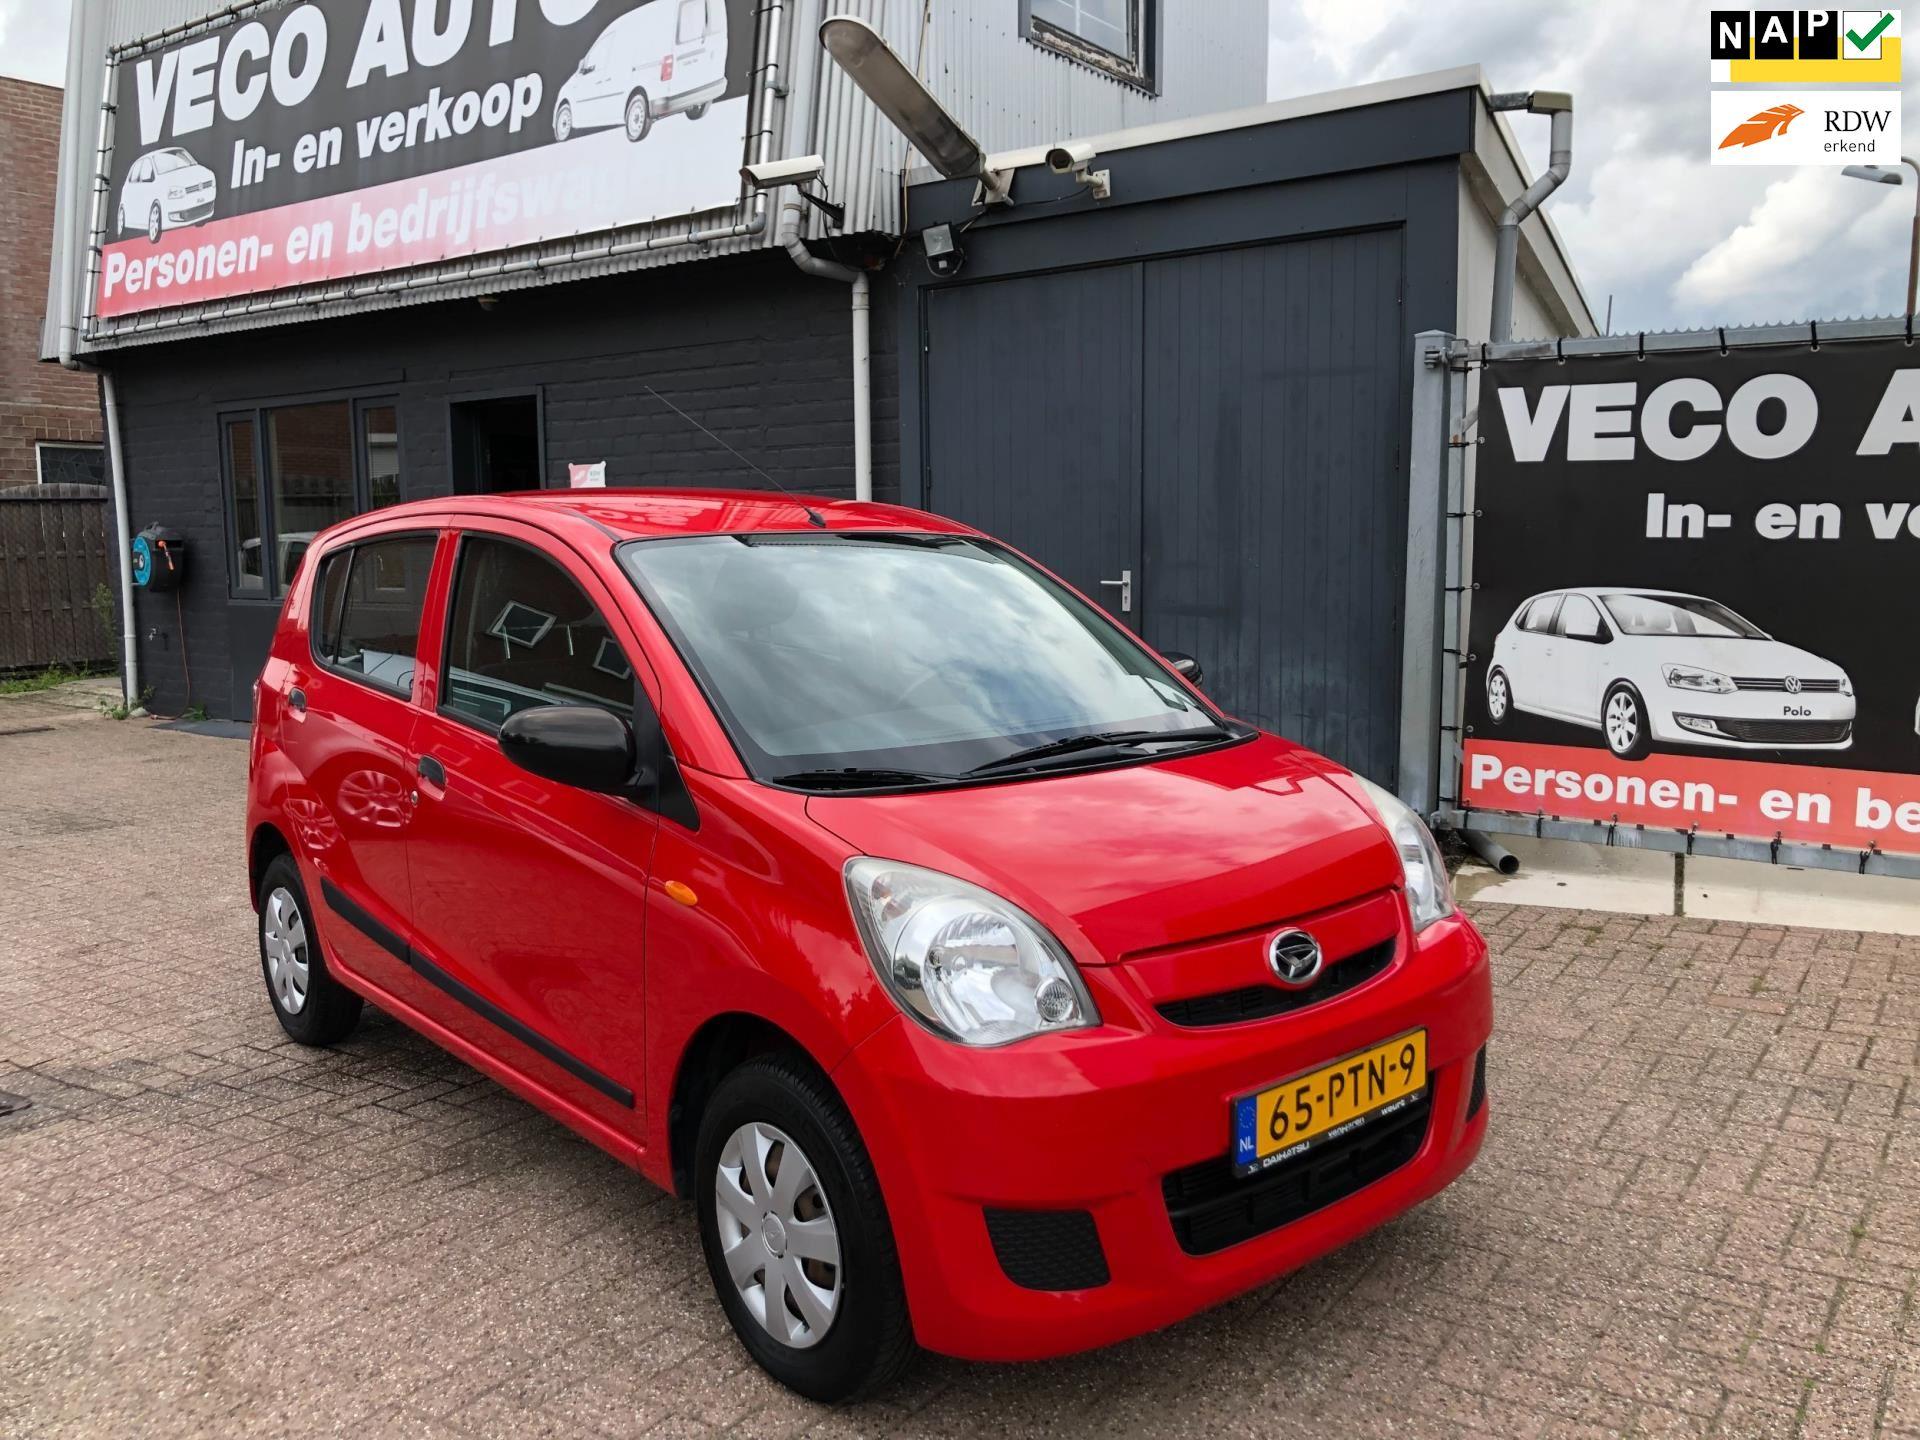 Daihatsu Cuore occasion - Veco Auto's